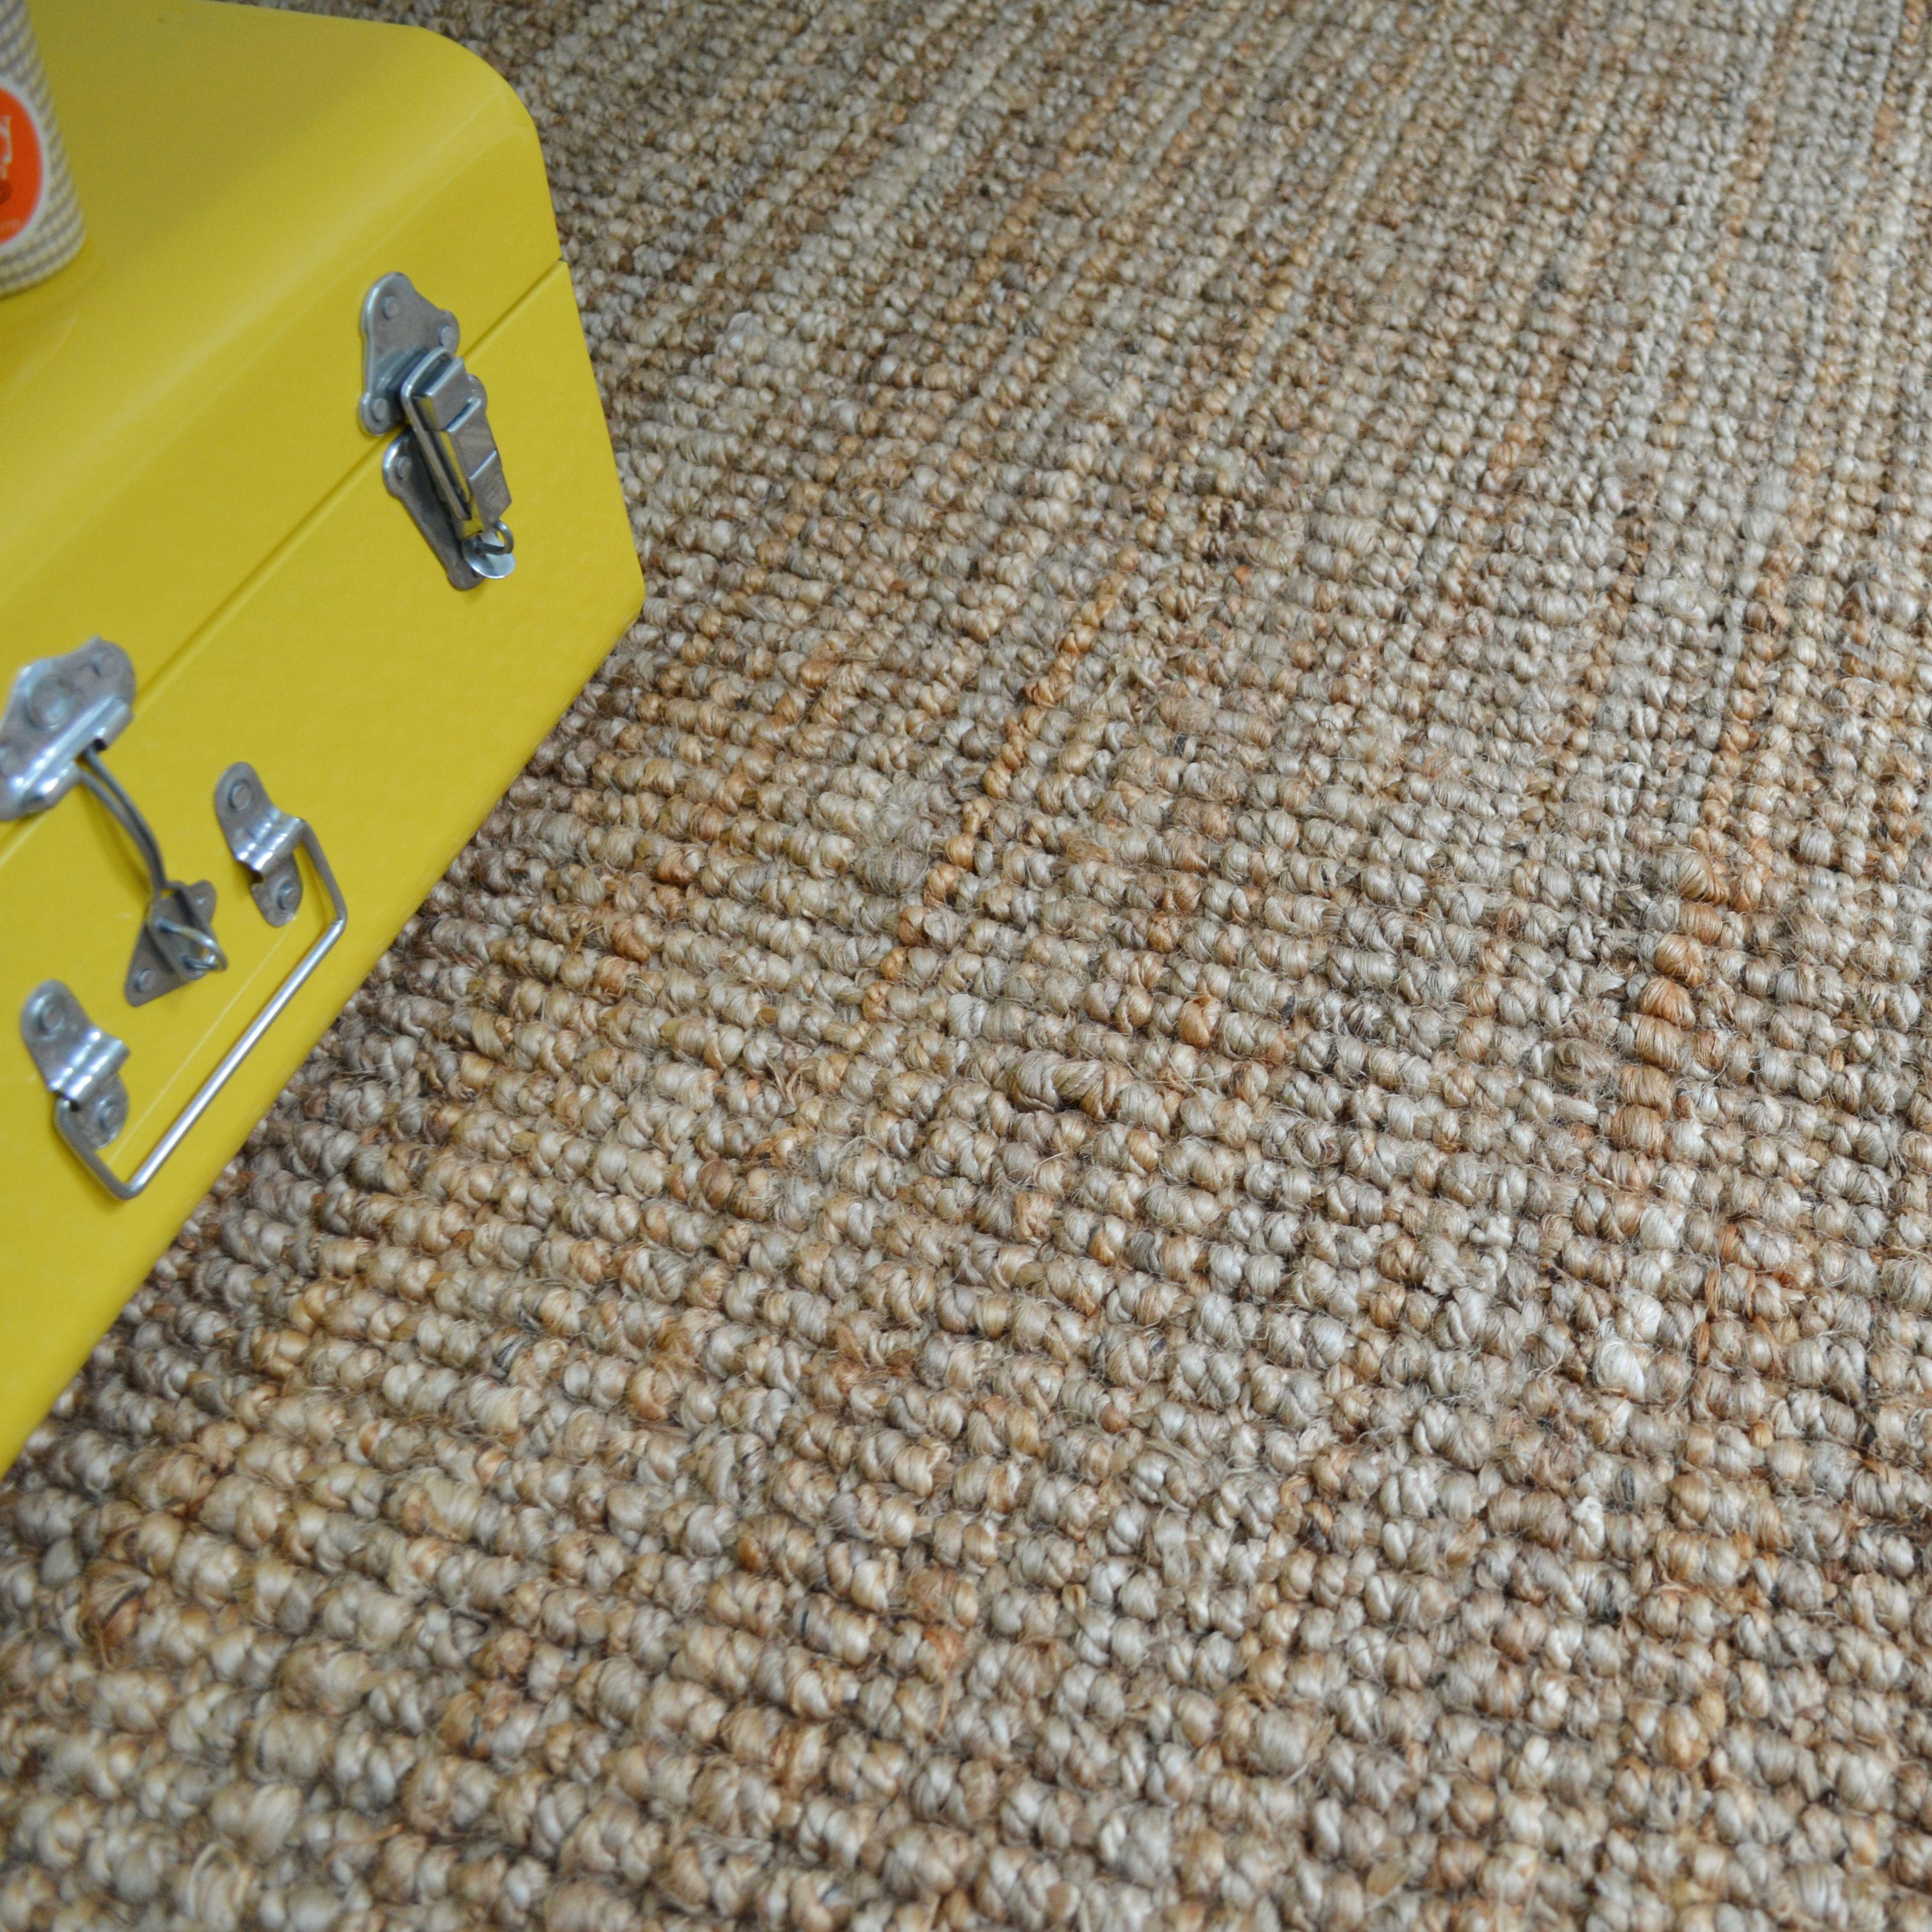 Idée tendance : tapis en fibre végétale naturelle  Fibre vegetale